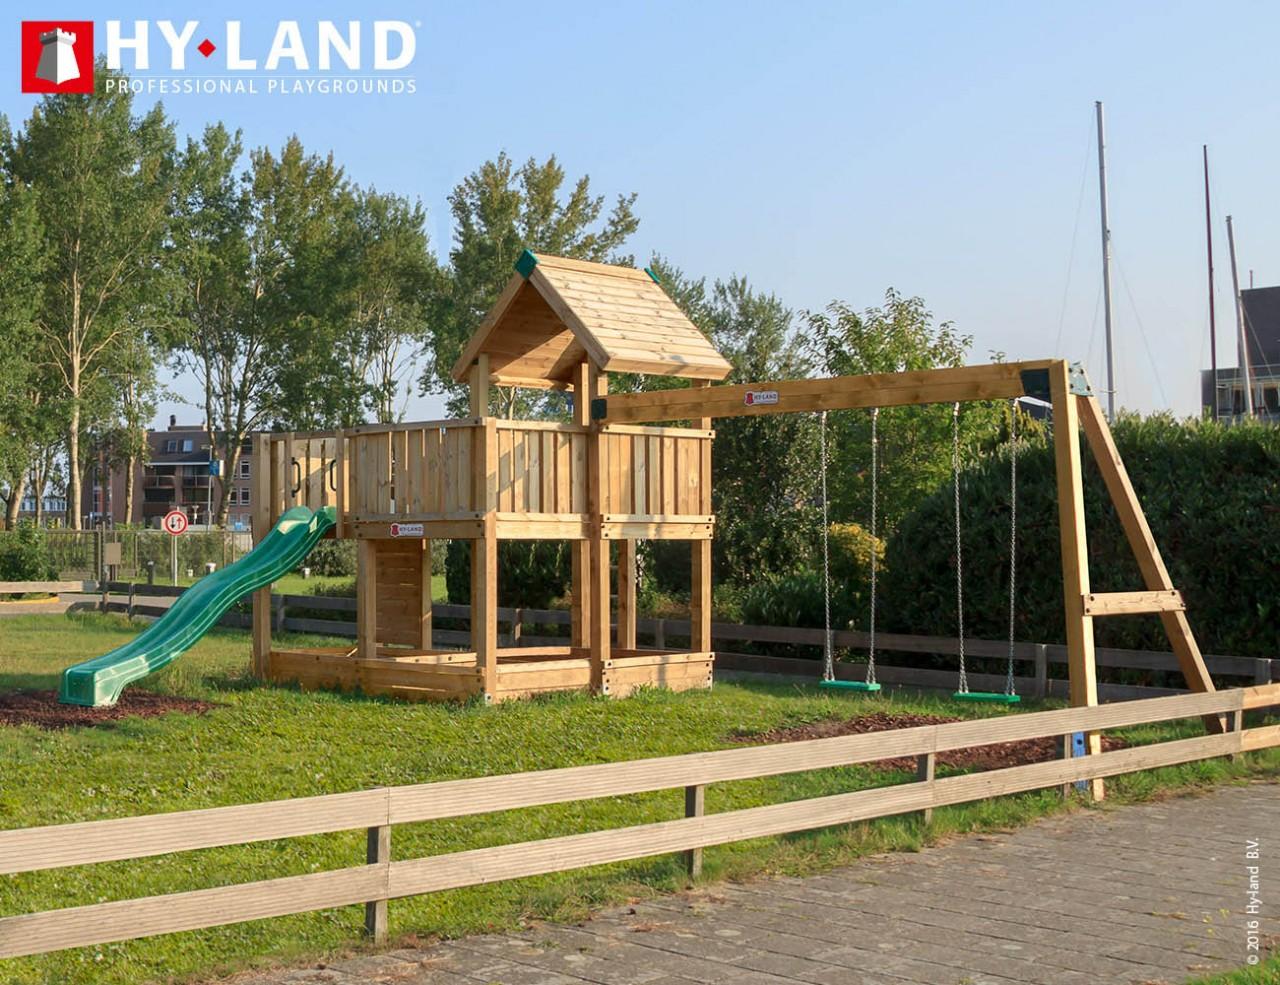 Spielturm Hy-Land P5-S in Douglasie